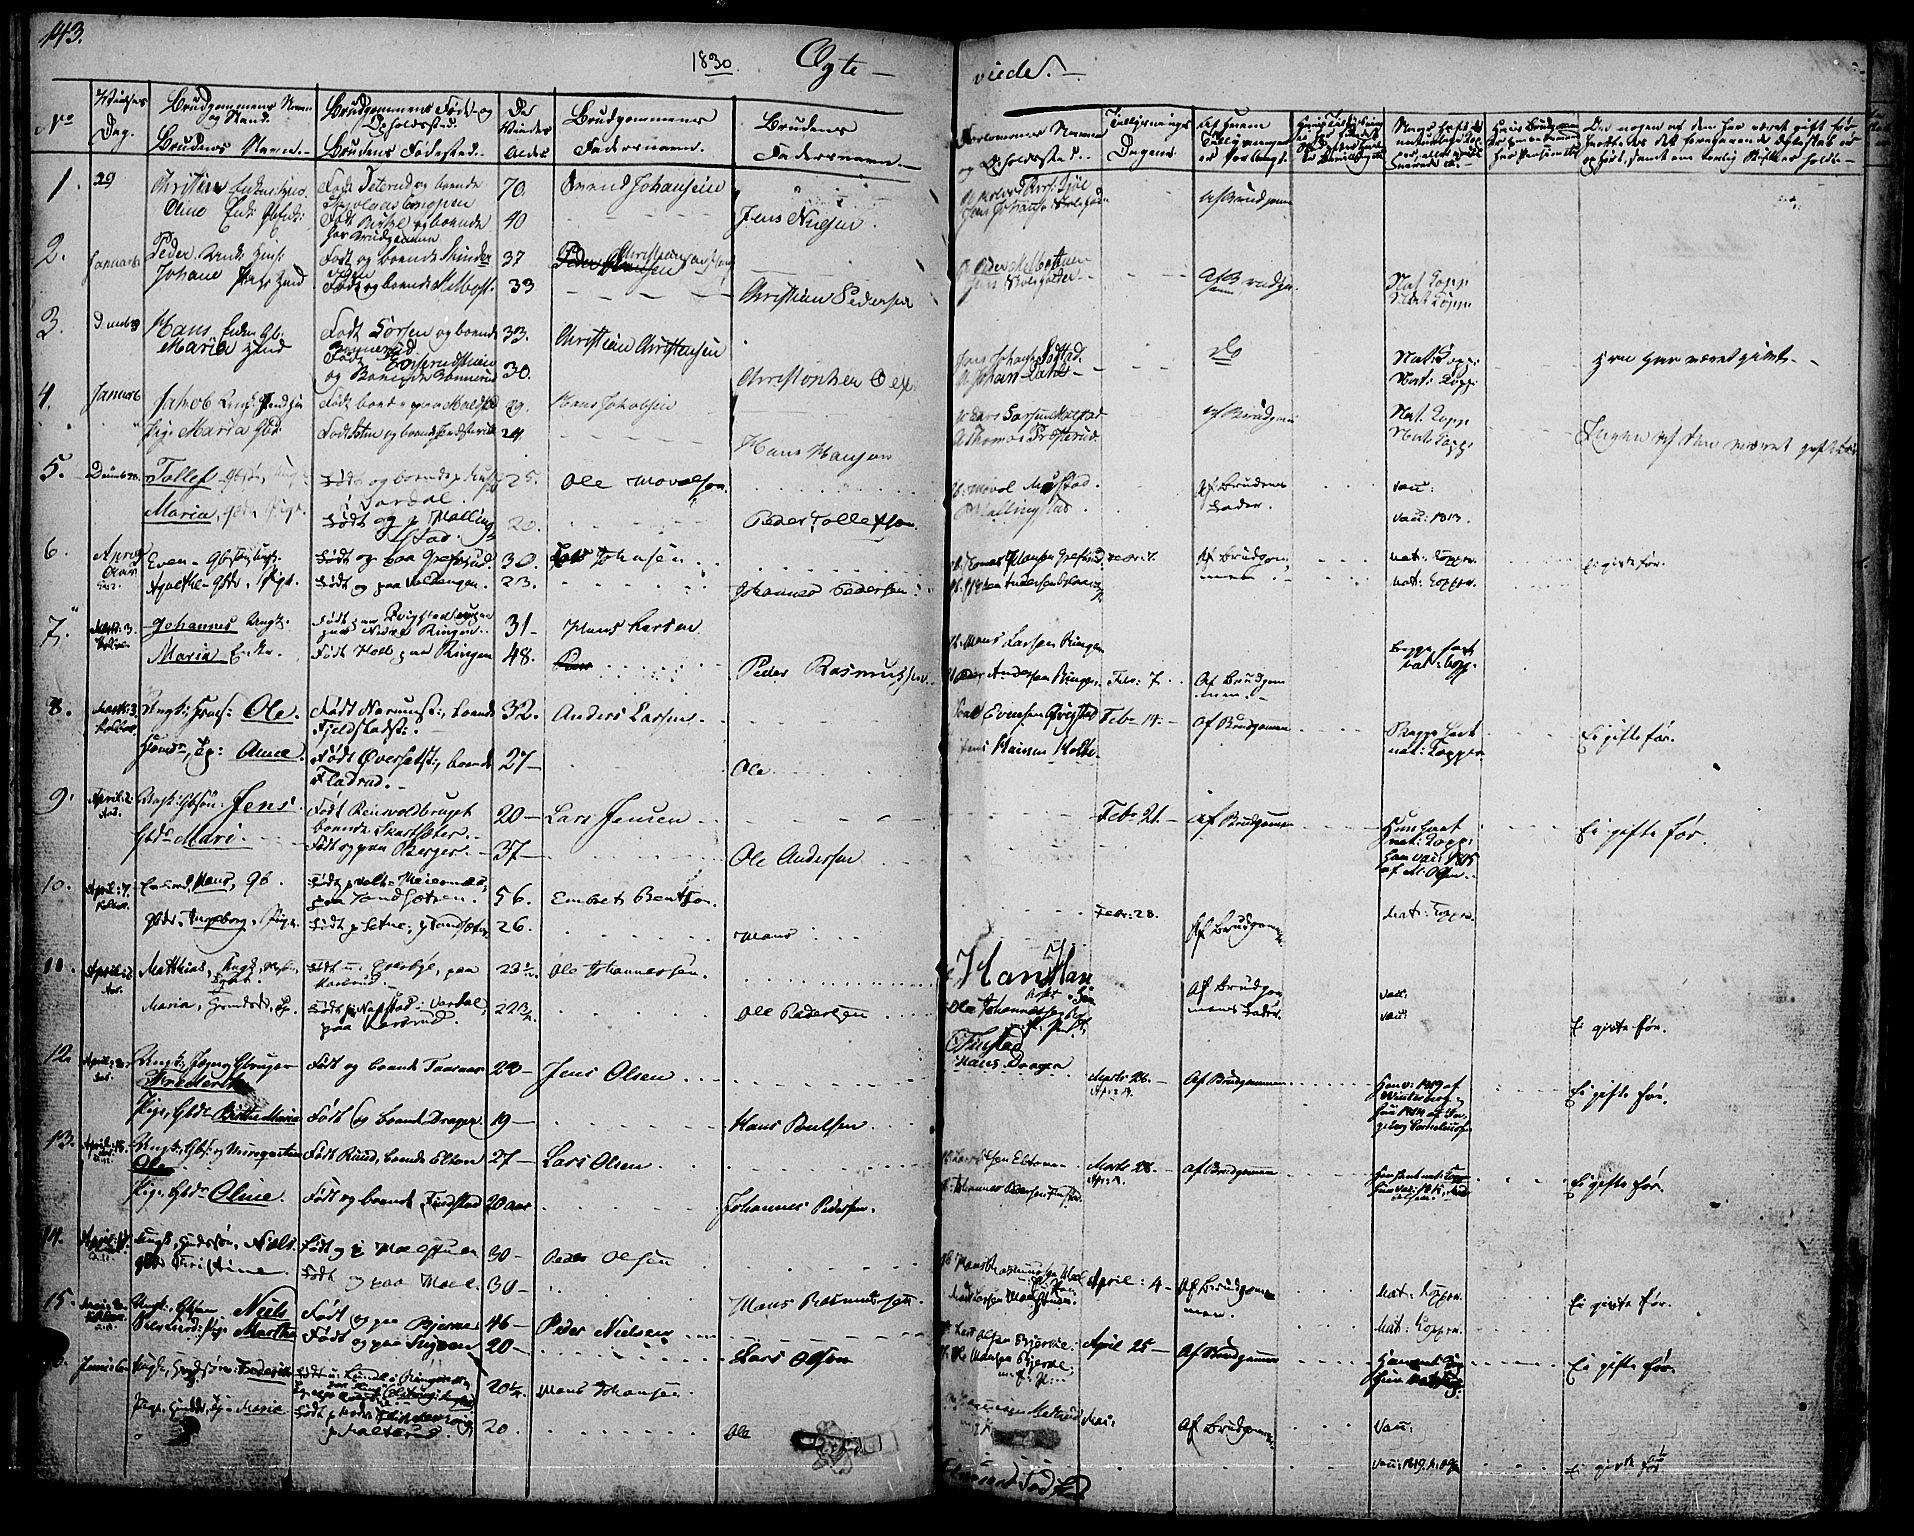 SAH, Vestre Toten prestekontor, Ministerialbok nr. 2, 1825-1837, s. 143